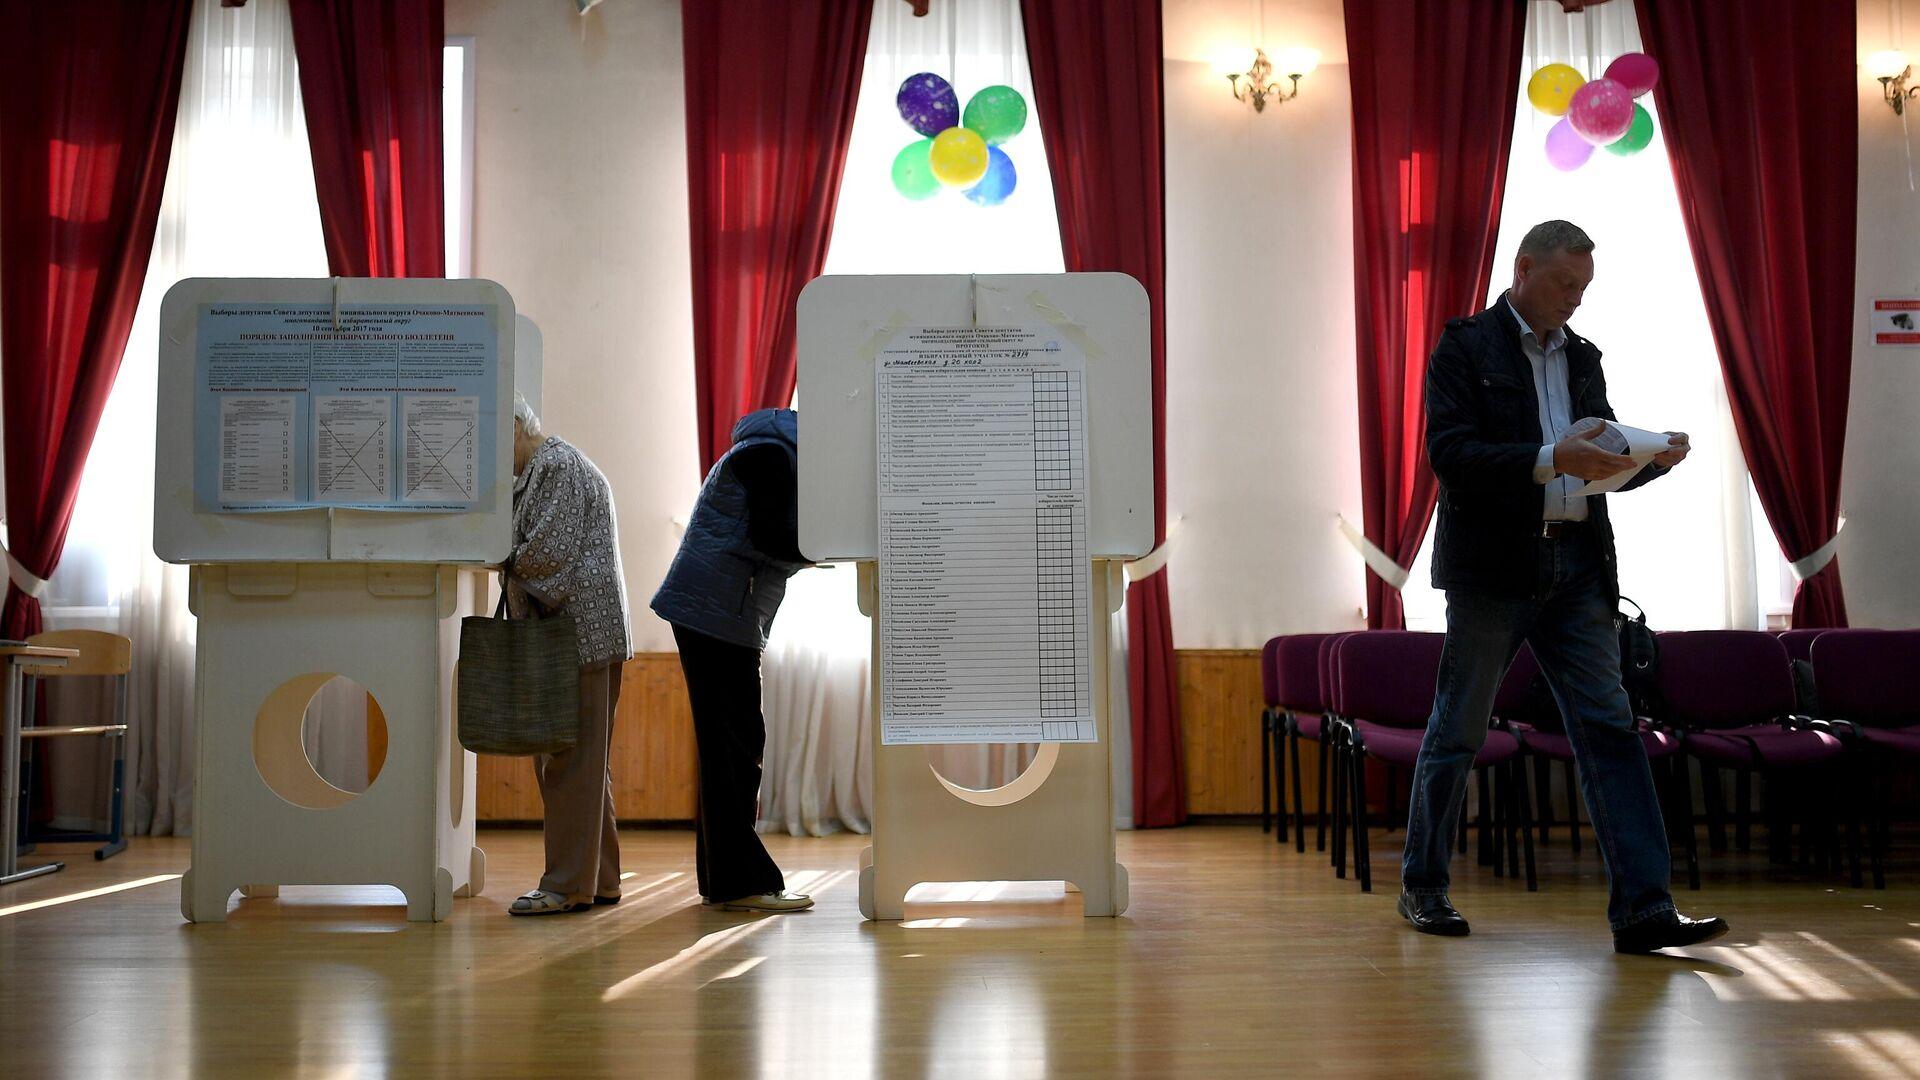 Избиратели в единый день голосования на избирательном участке в Москве - РИА Новости, 1920, 04.08.2021